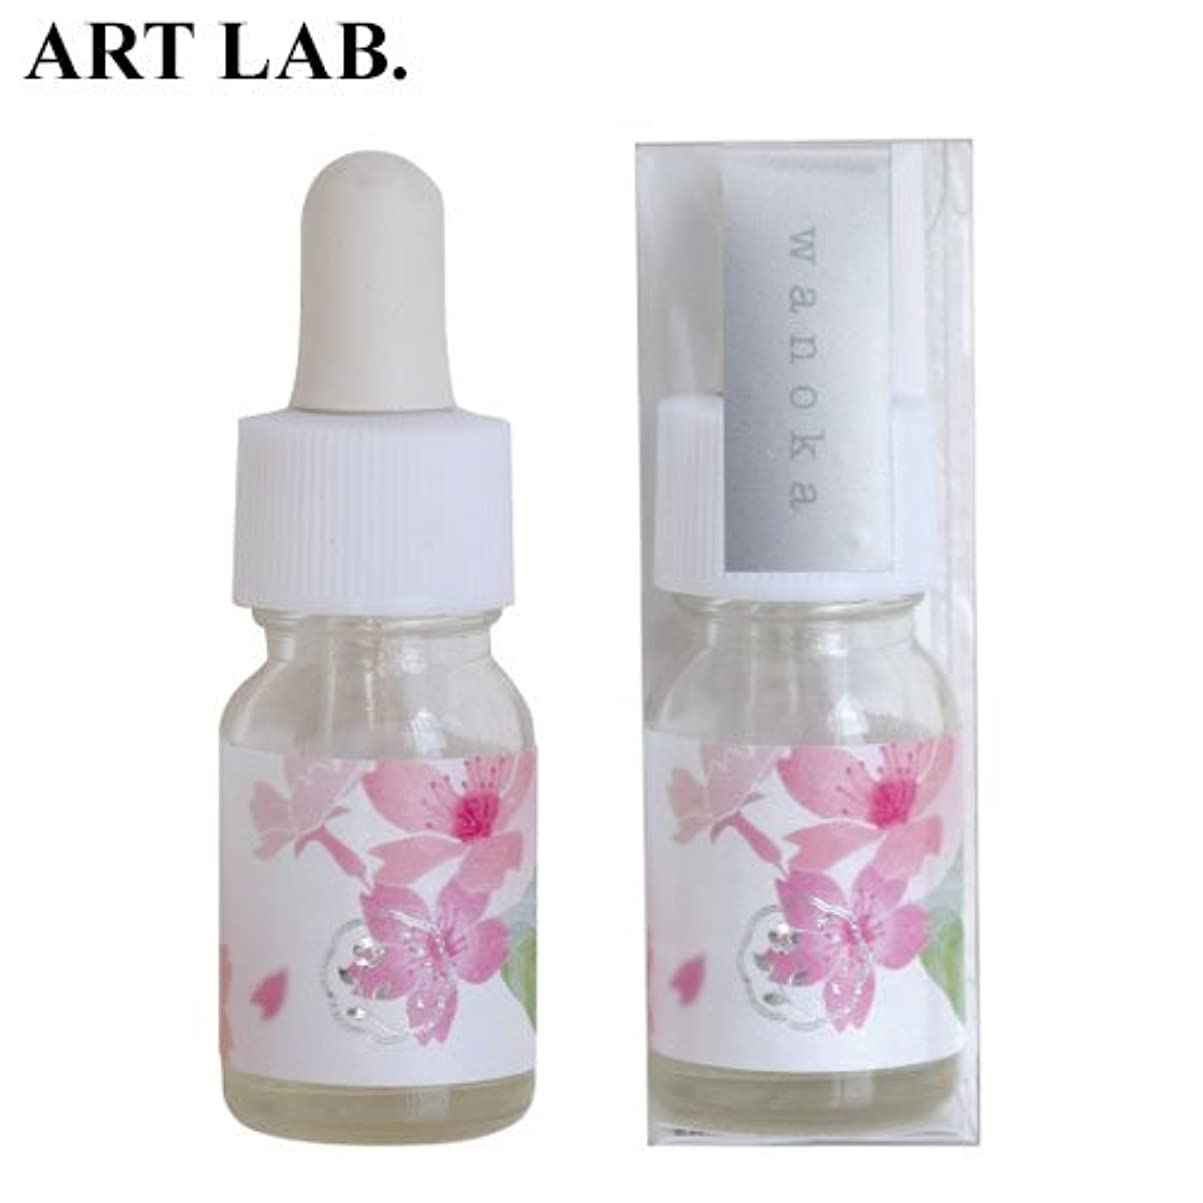 ヒューズ指標不和wanoka香油アロマオイル桜《桜をイメージした甘い香り》ART LABAromatic oil